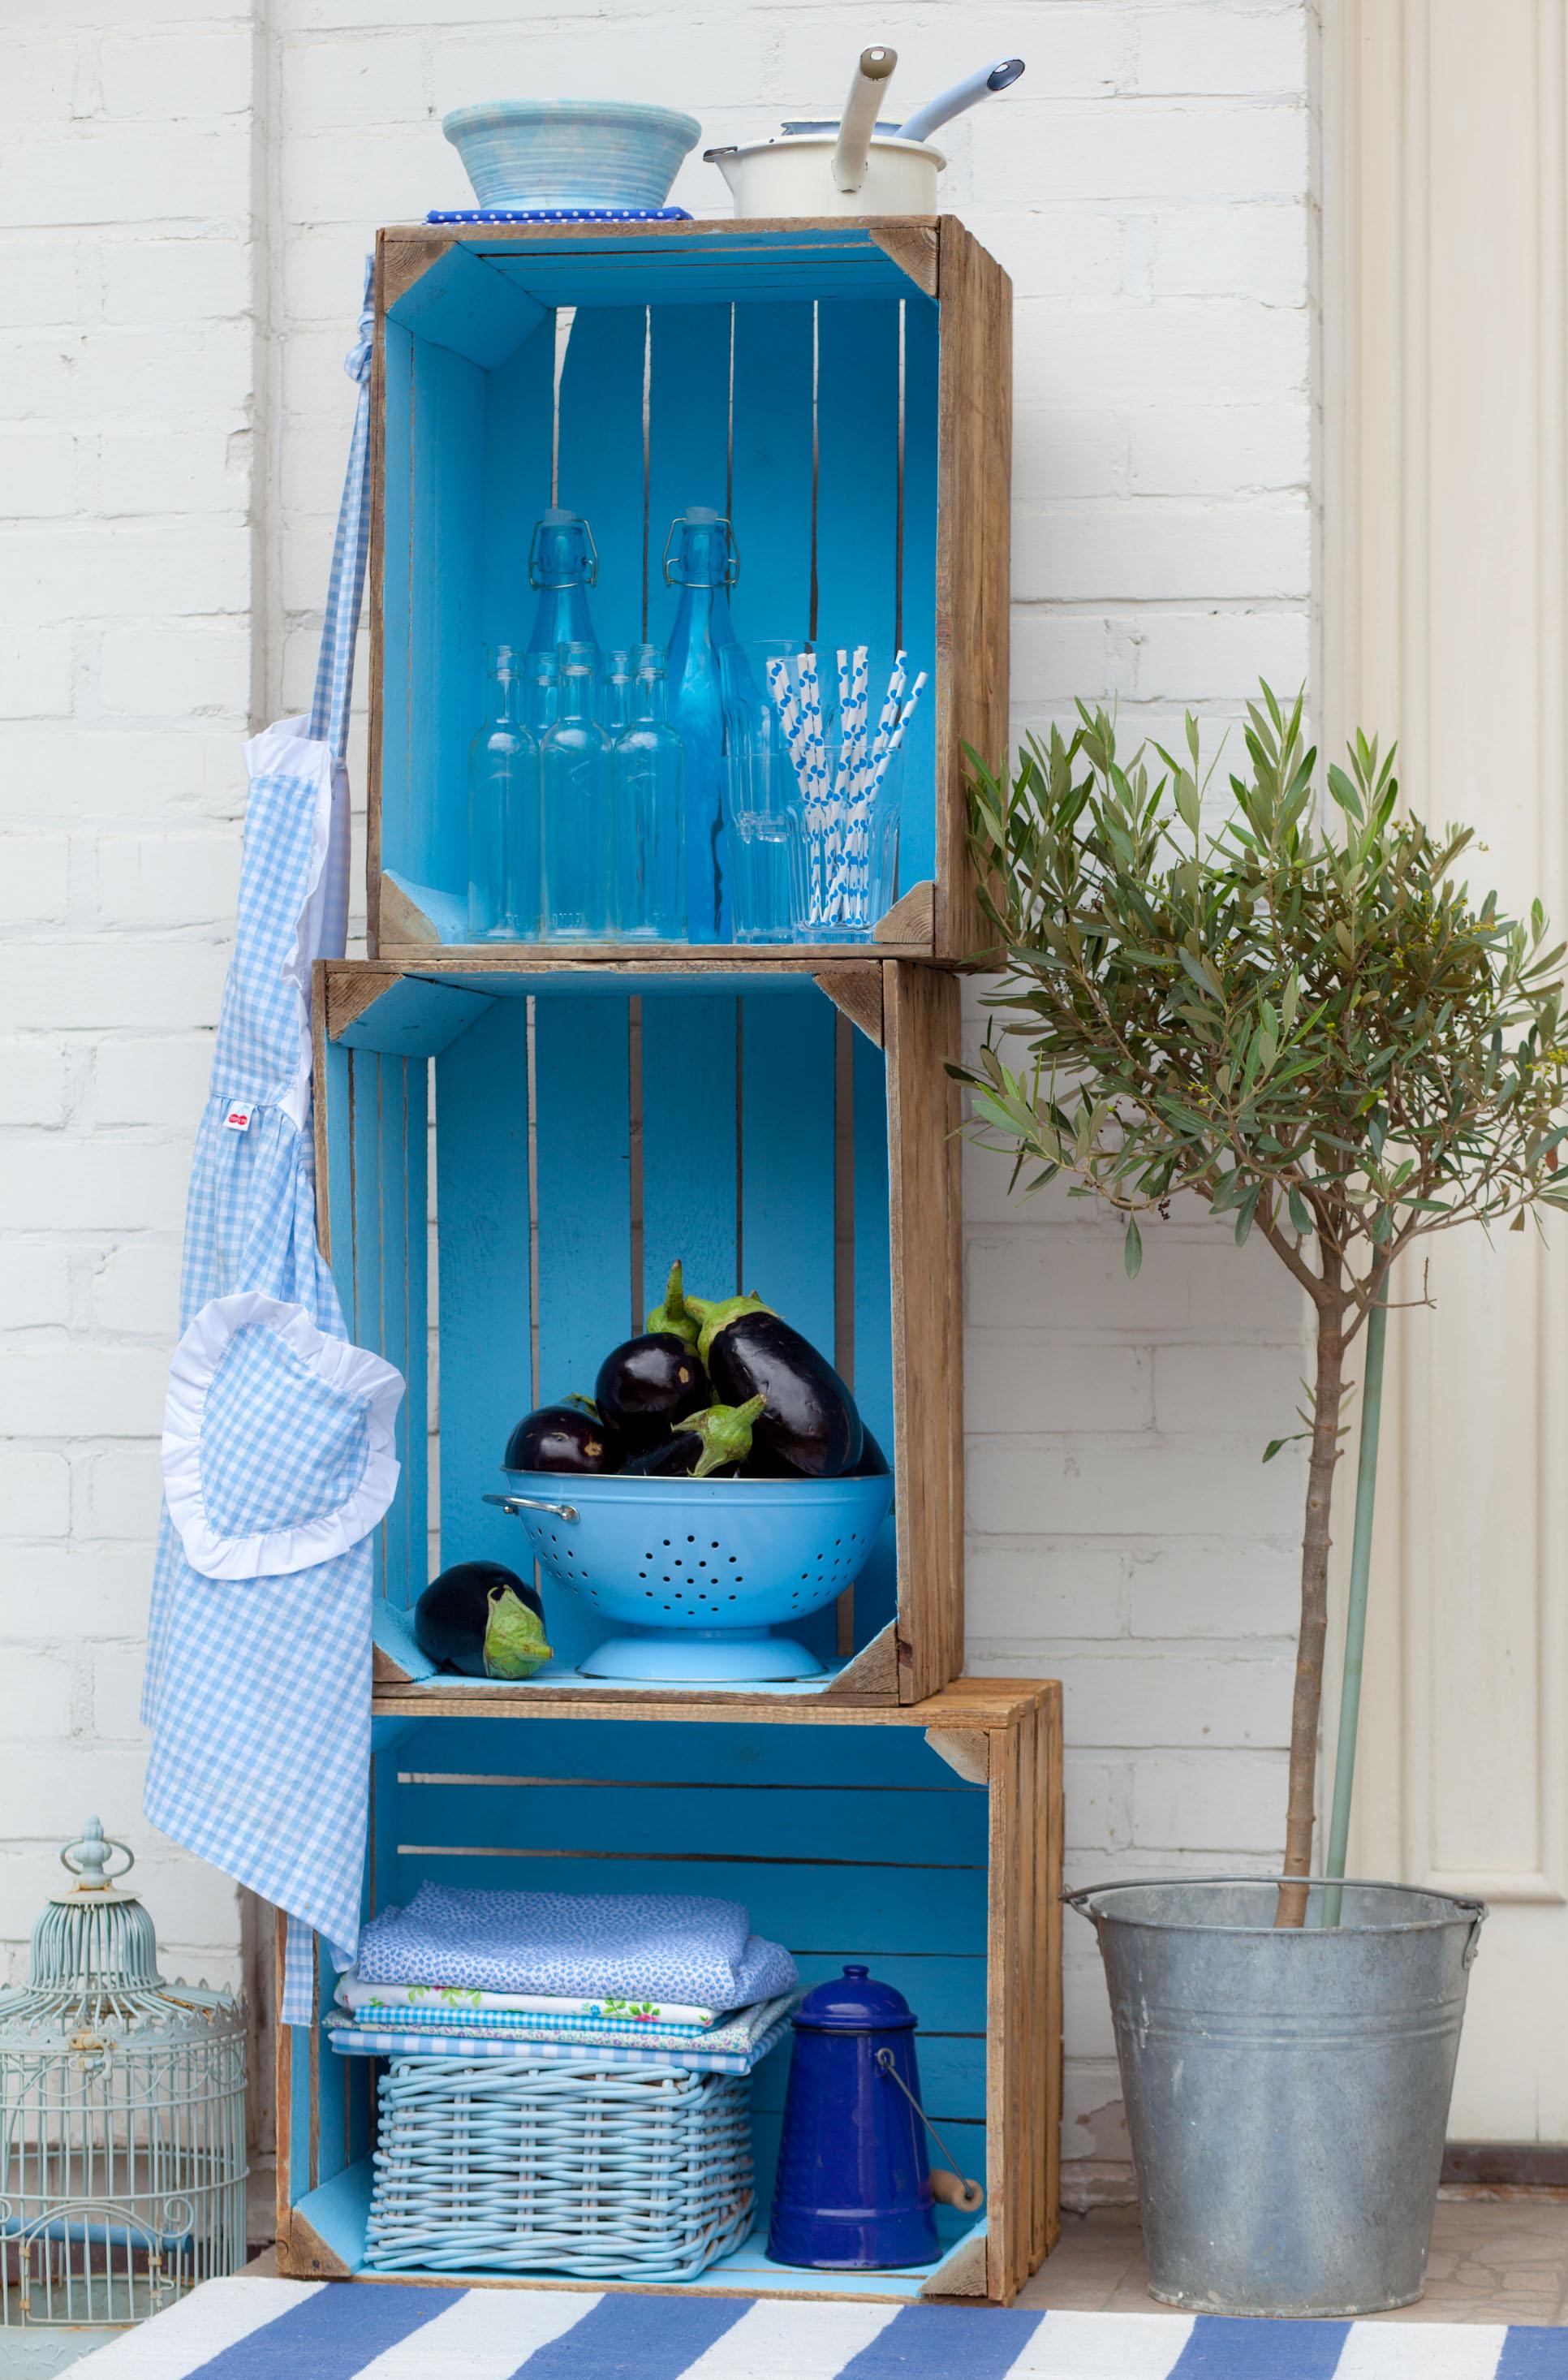 Szalone pomysły na drewniane skrzynki we wnętrzach. Odważysz się?